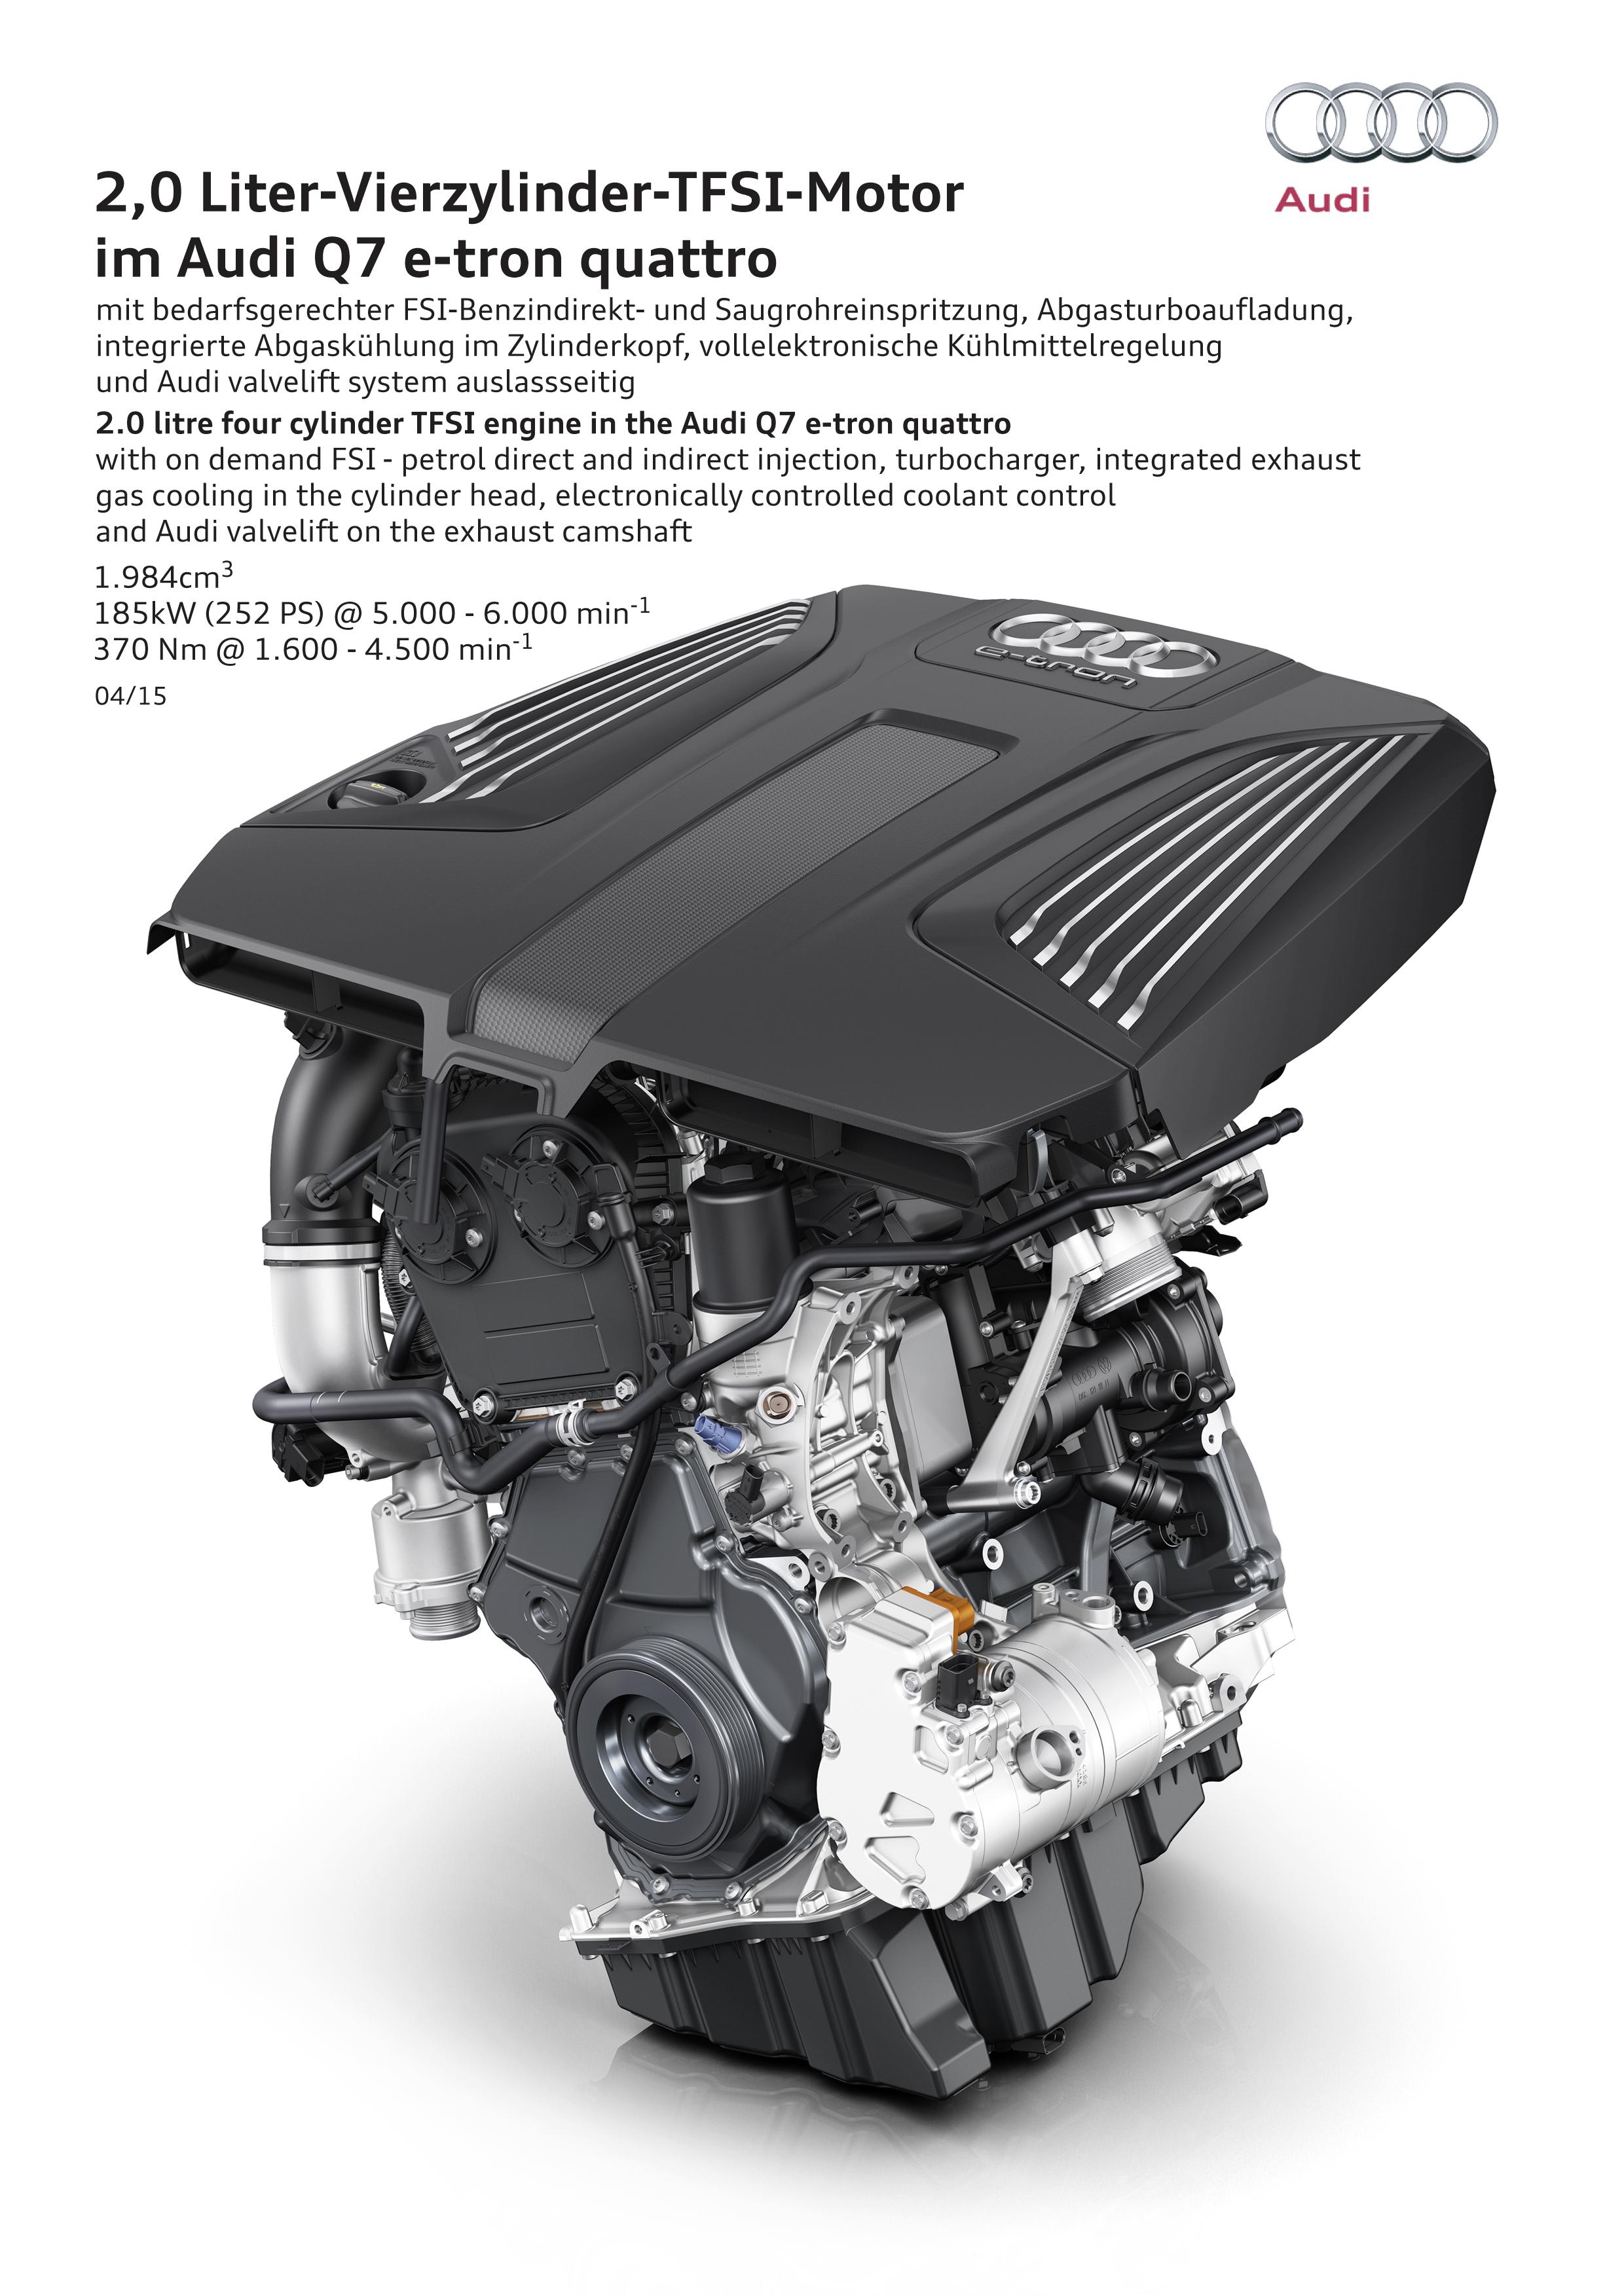 Audi Q7 e-tron 2.0 TFSI quattro - 2015 - engine